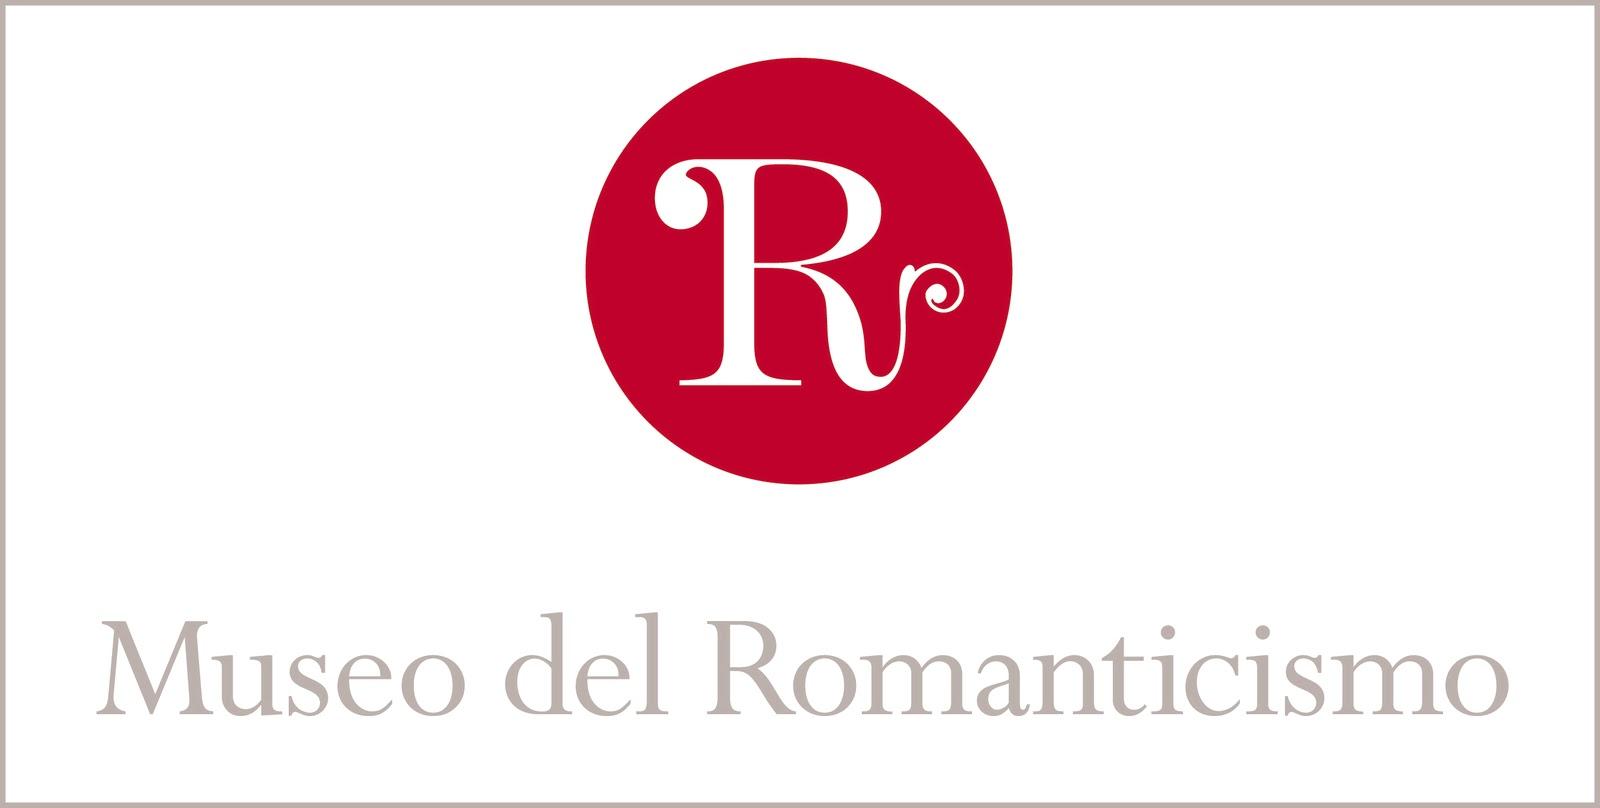 ROMANTICISMO CON R MAYÚSCULA. UN MUSEO PARA VIAJAR AL PASADO.